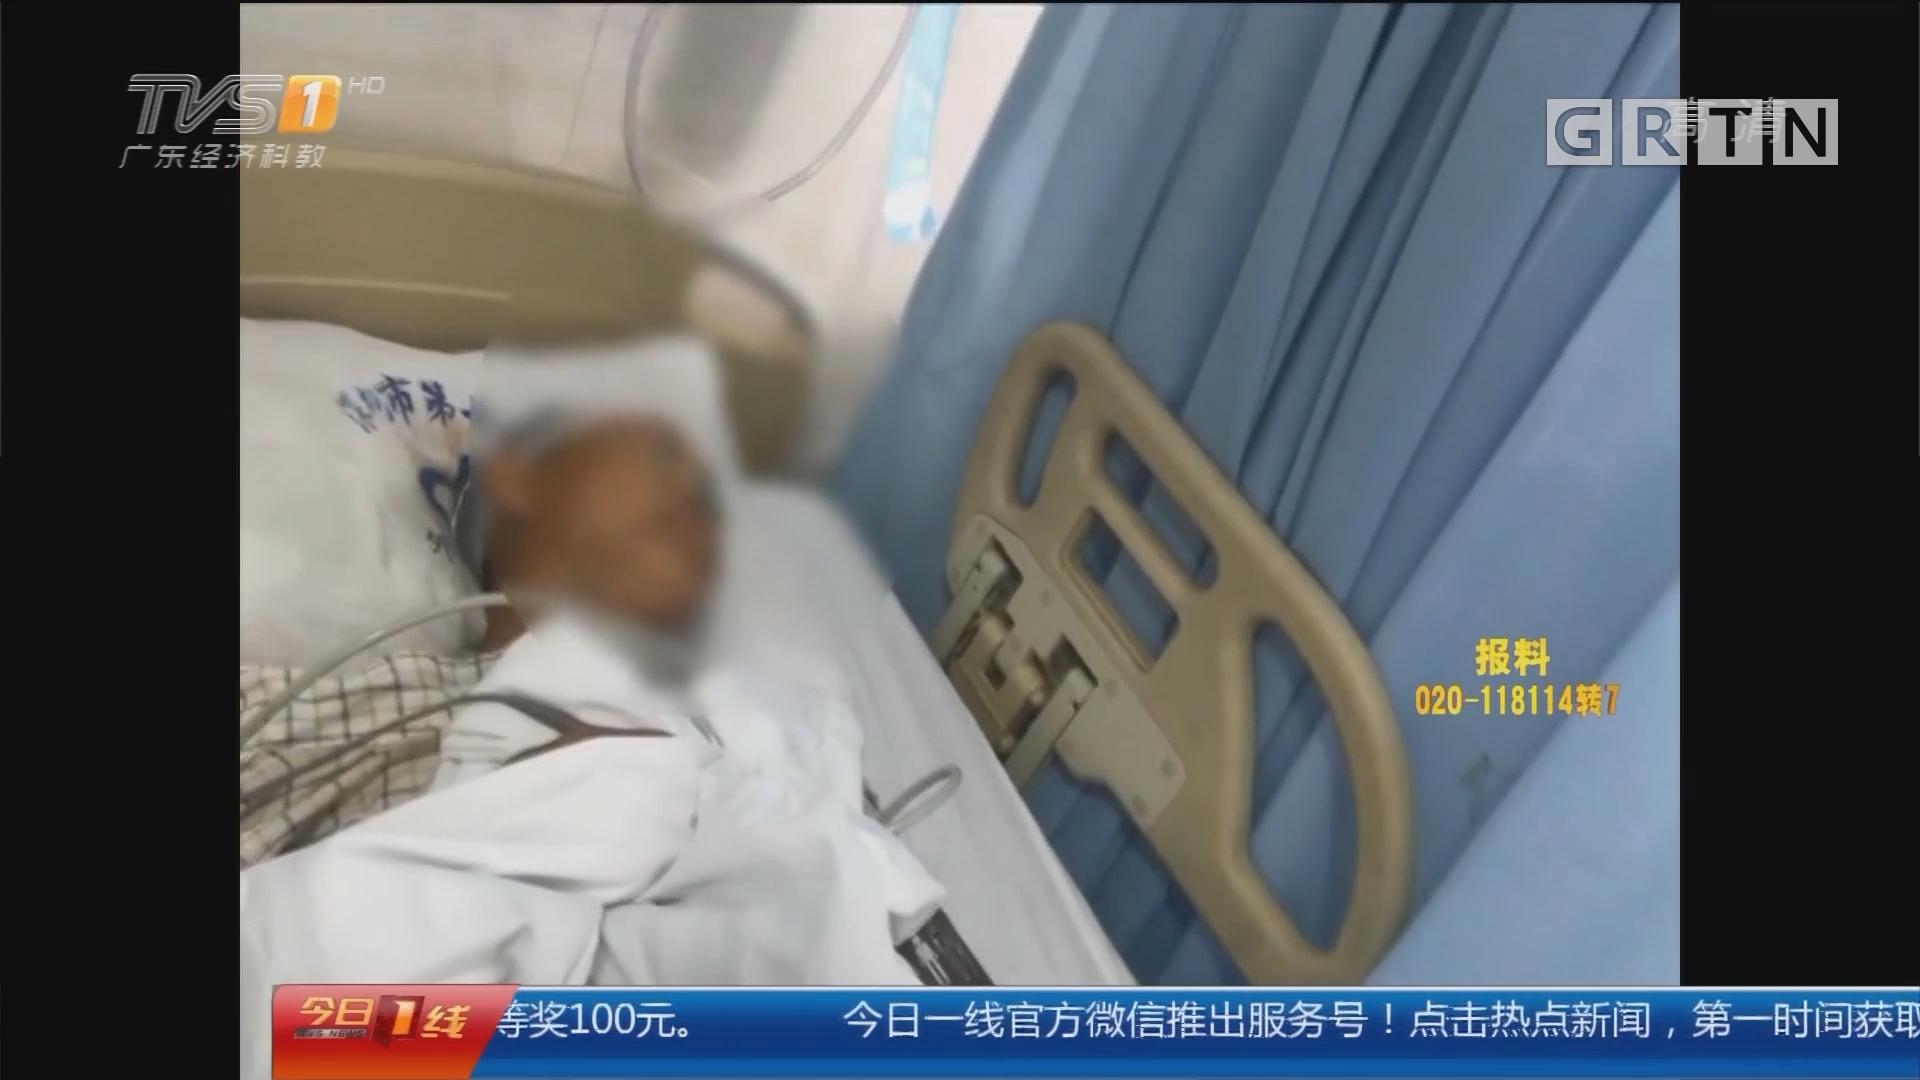 深圳东部华侨城:施工突发安全事故 造成两死一伤